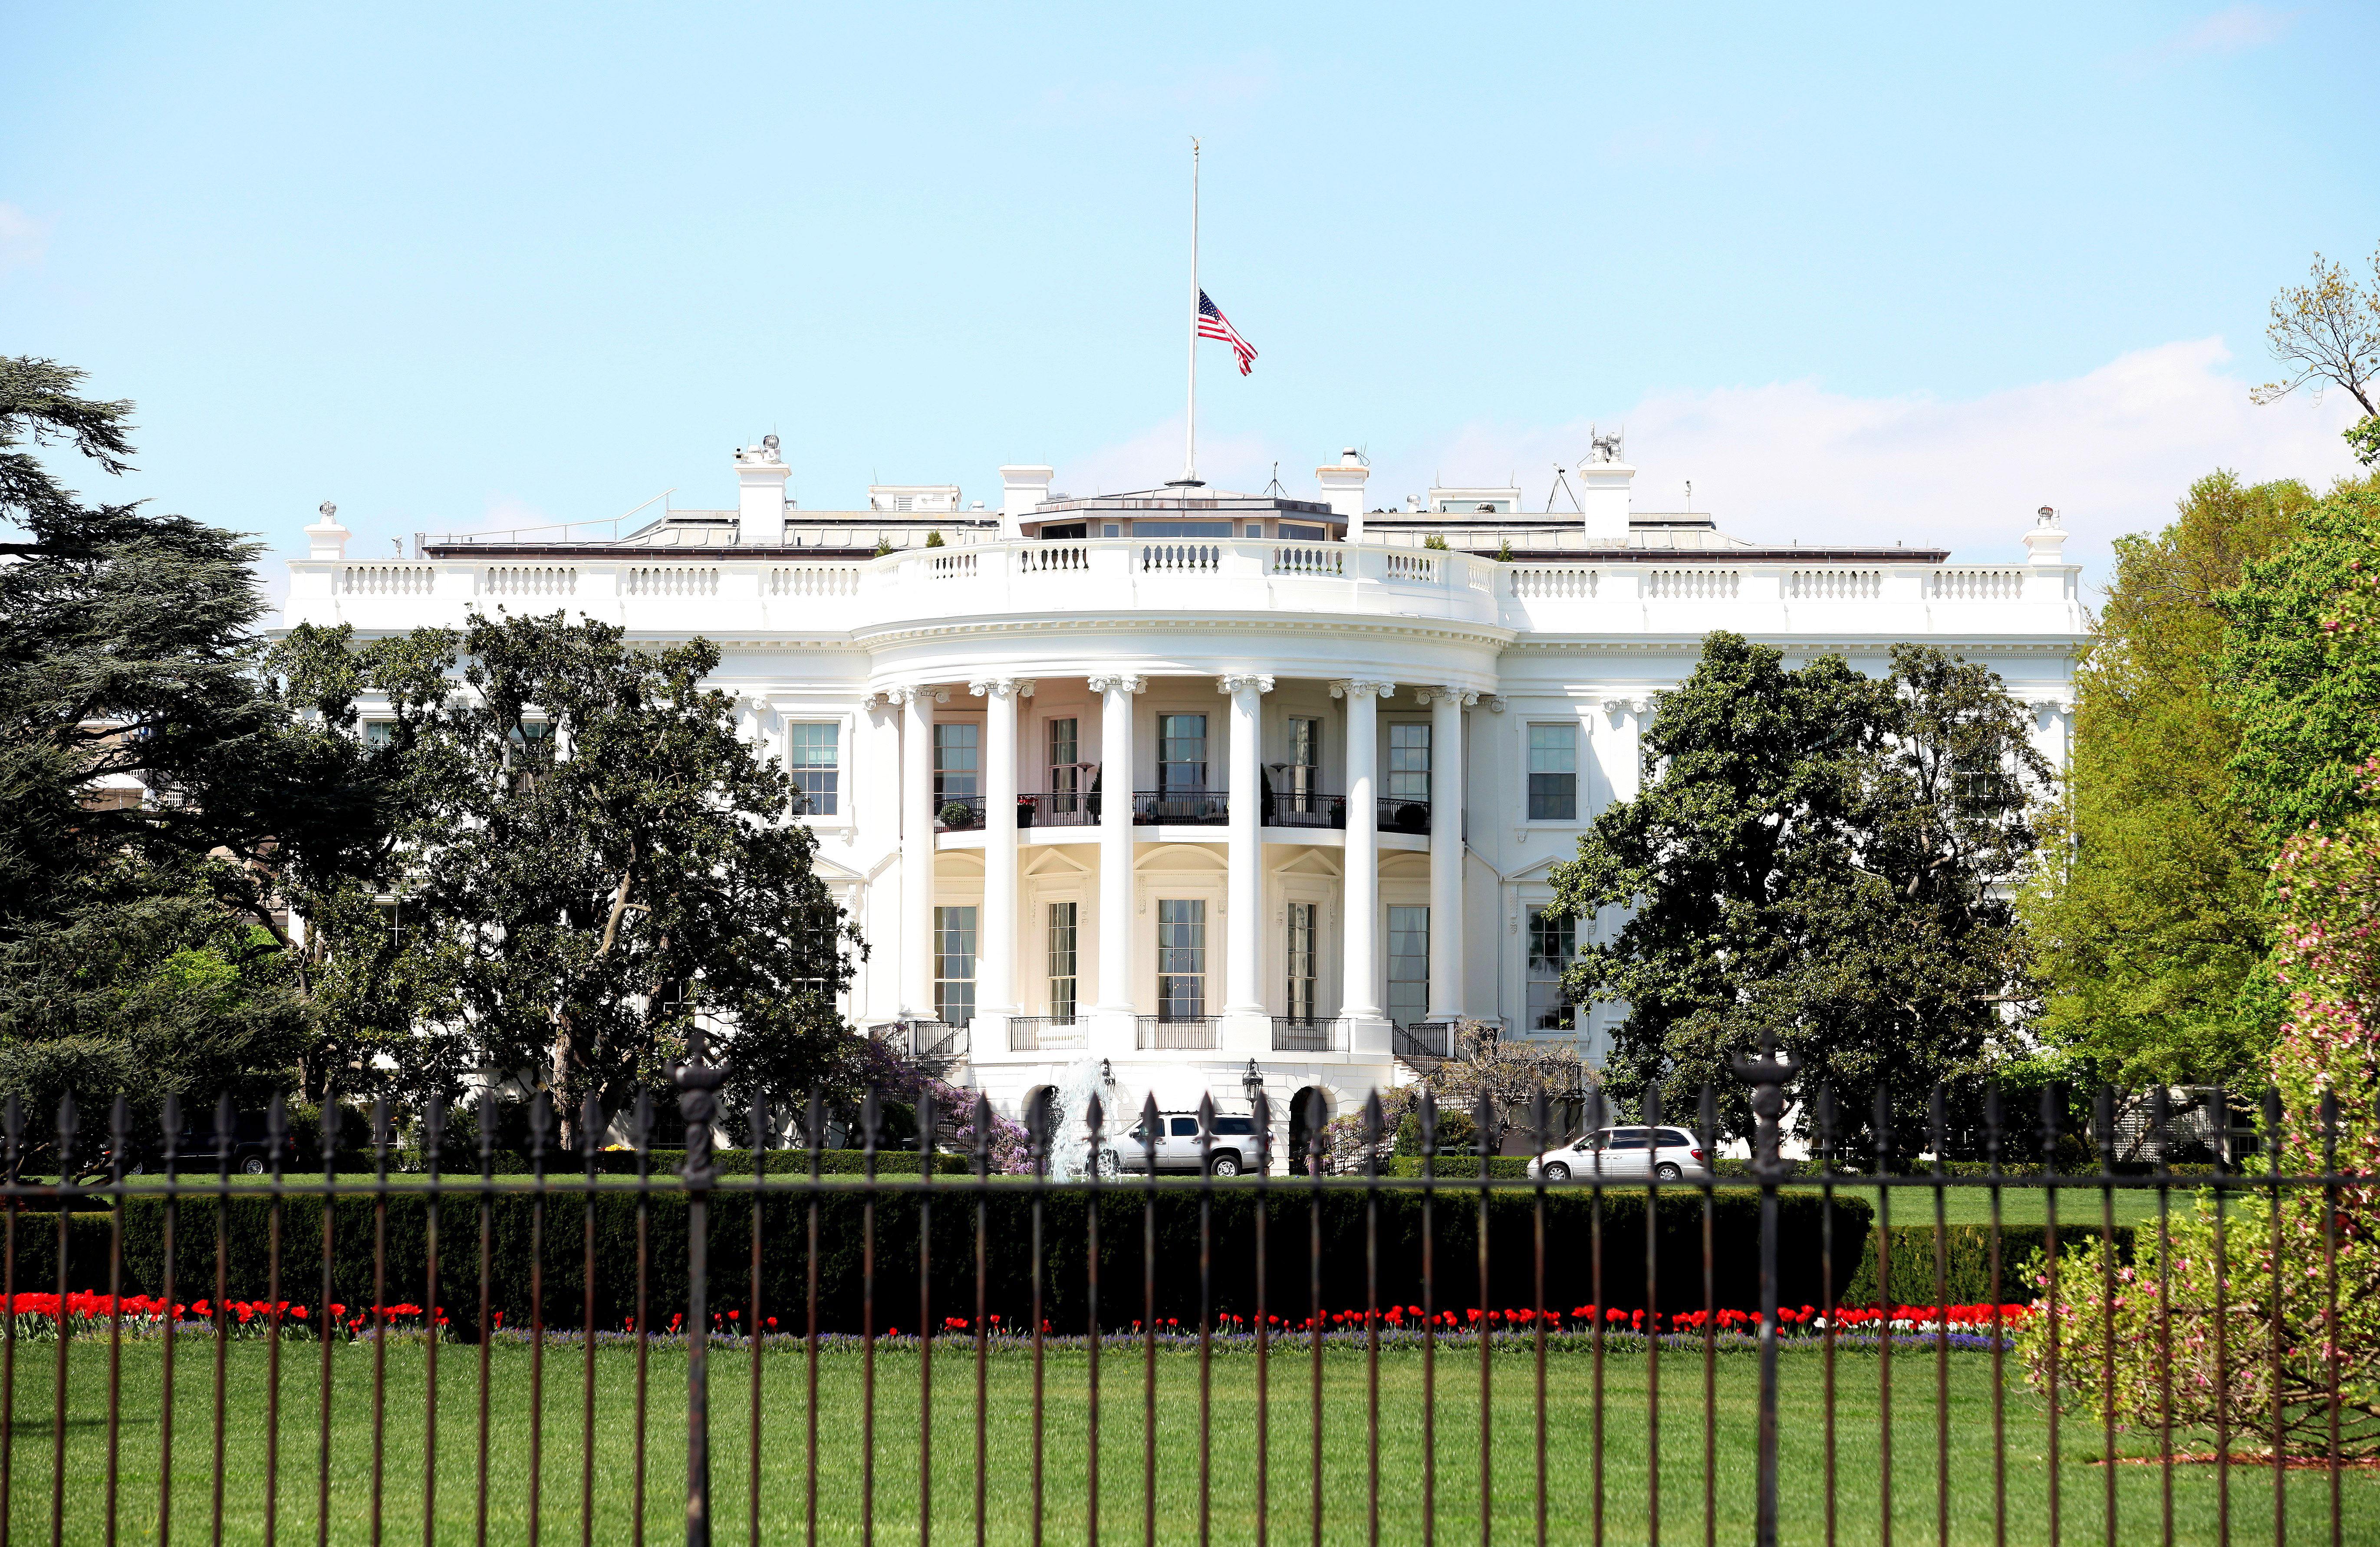 The White House south facade, in Washington, D.C.